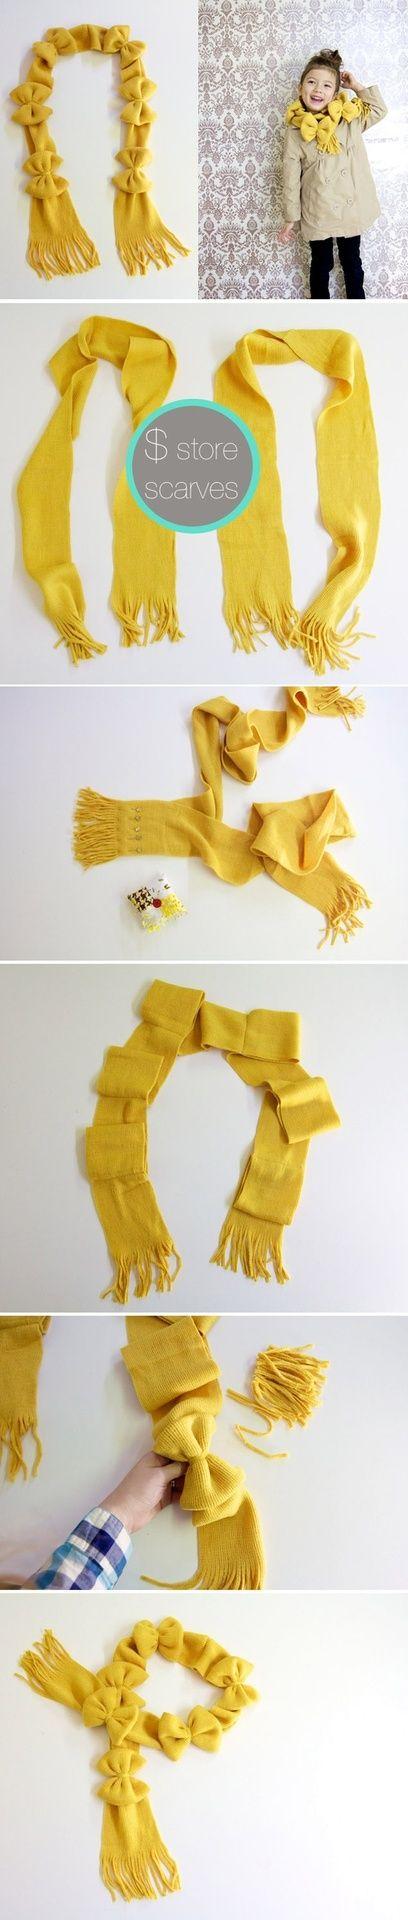 Bow scarf tutorial